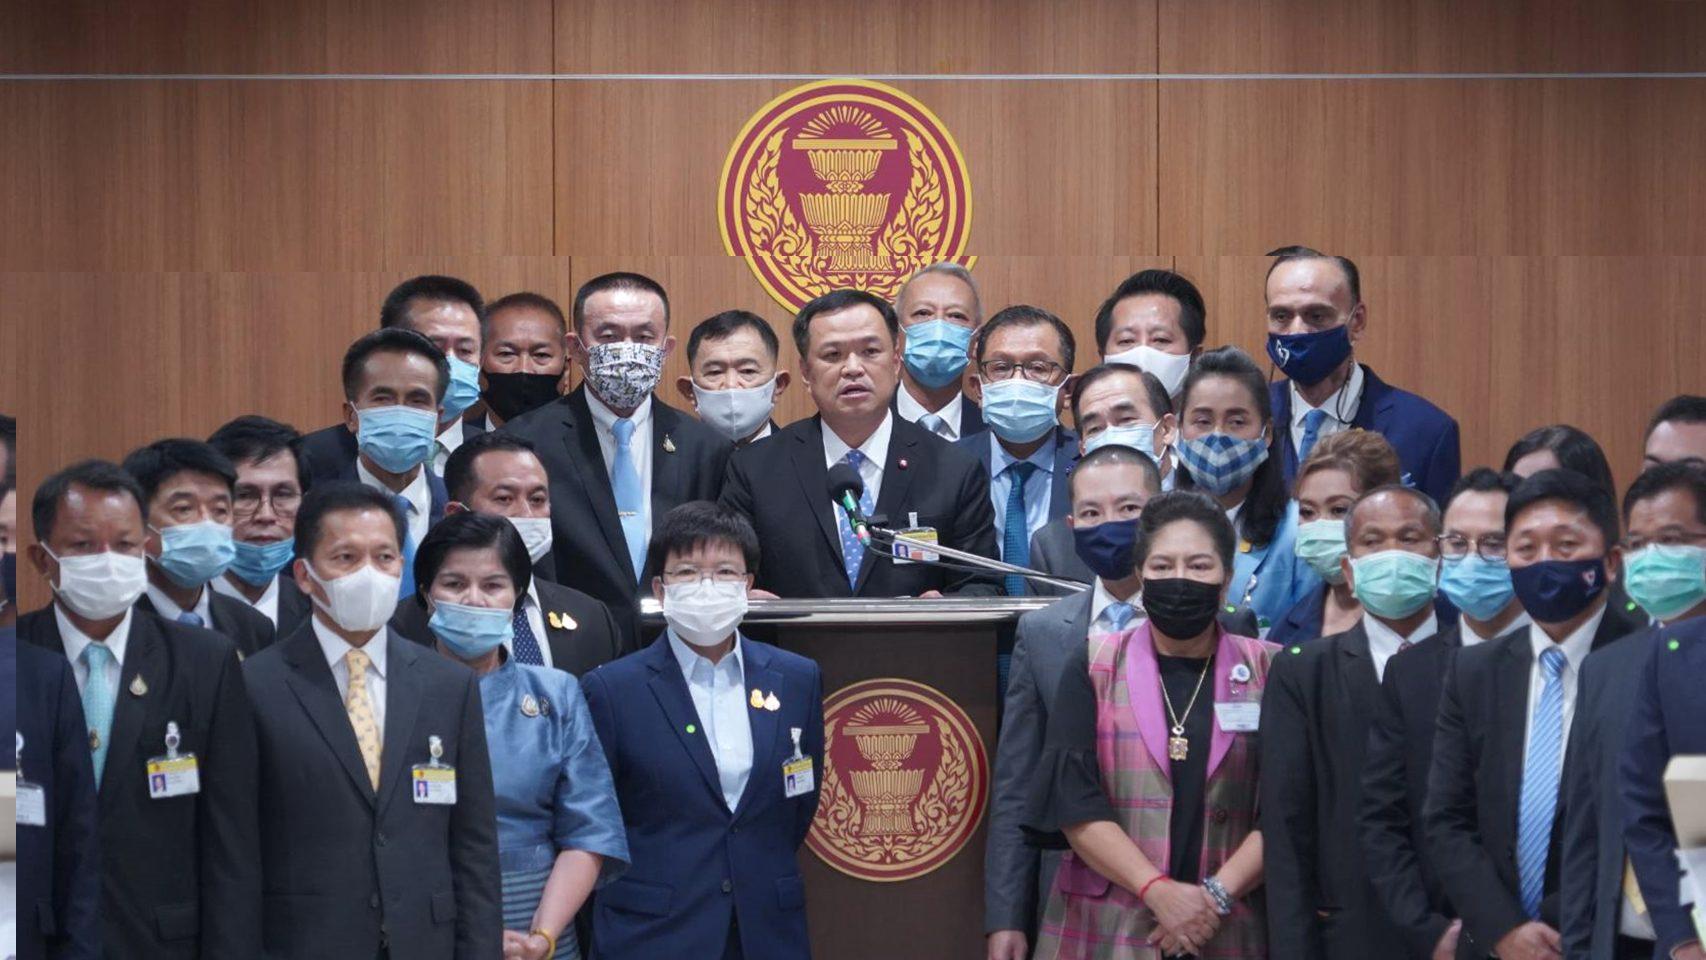 6 ข้อเสนอ 'พรรคภูมิใจไทย' ต่อกรณีข้อเรียกร้องของภาคประชาชน